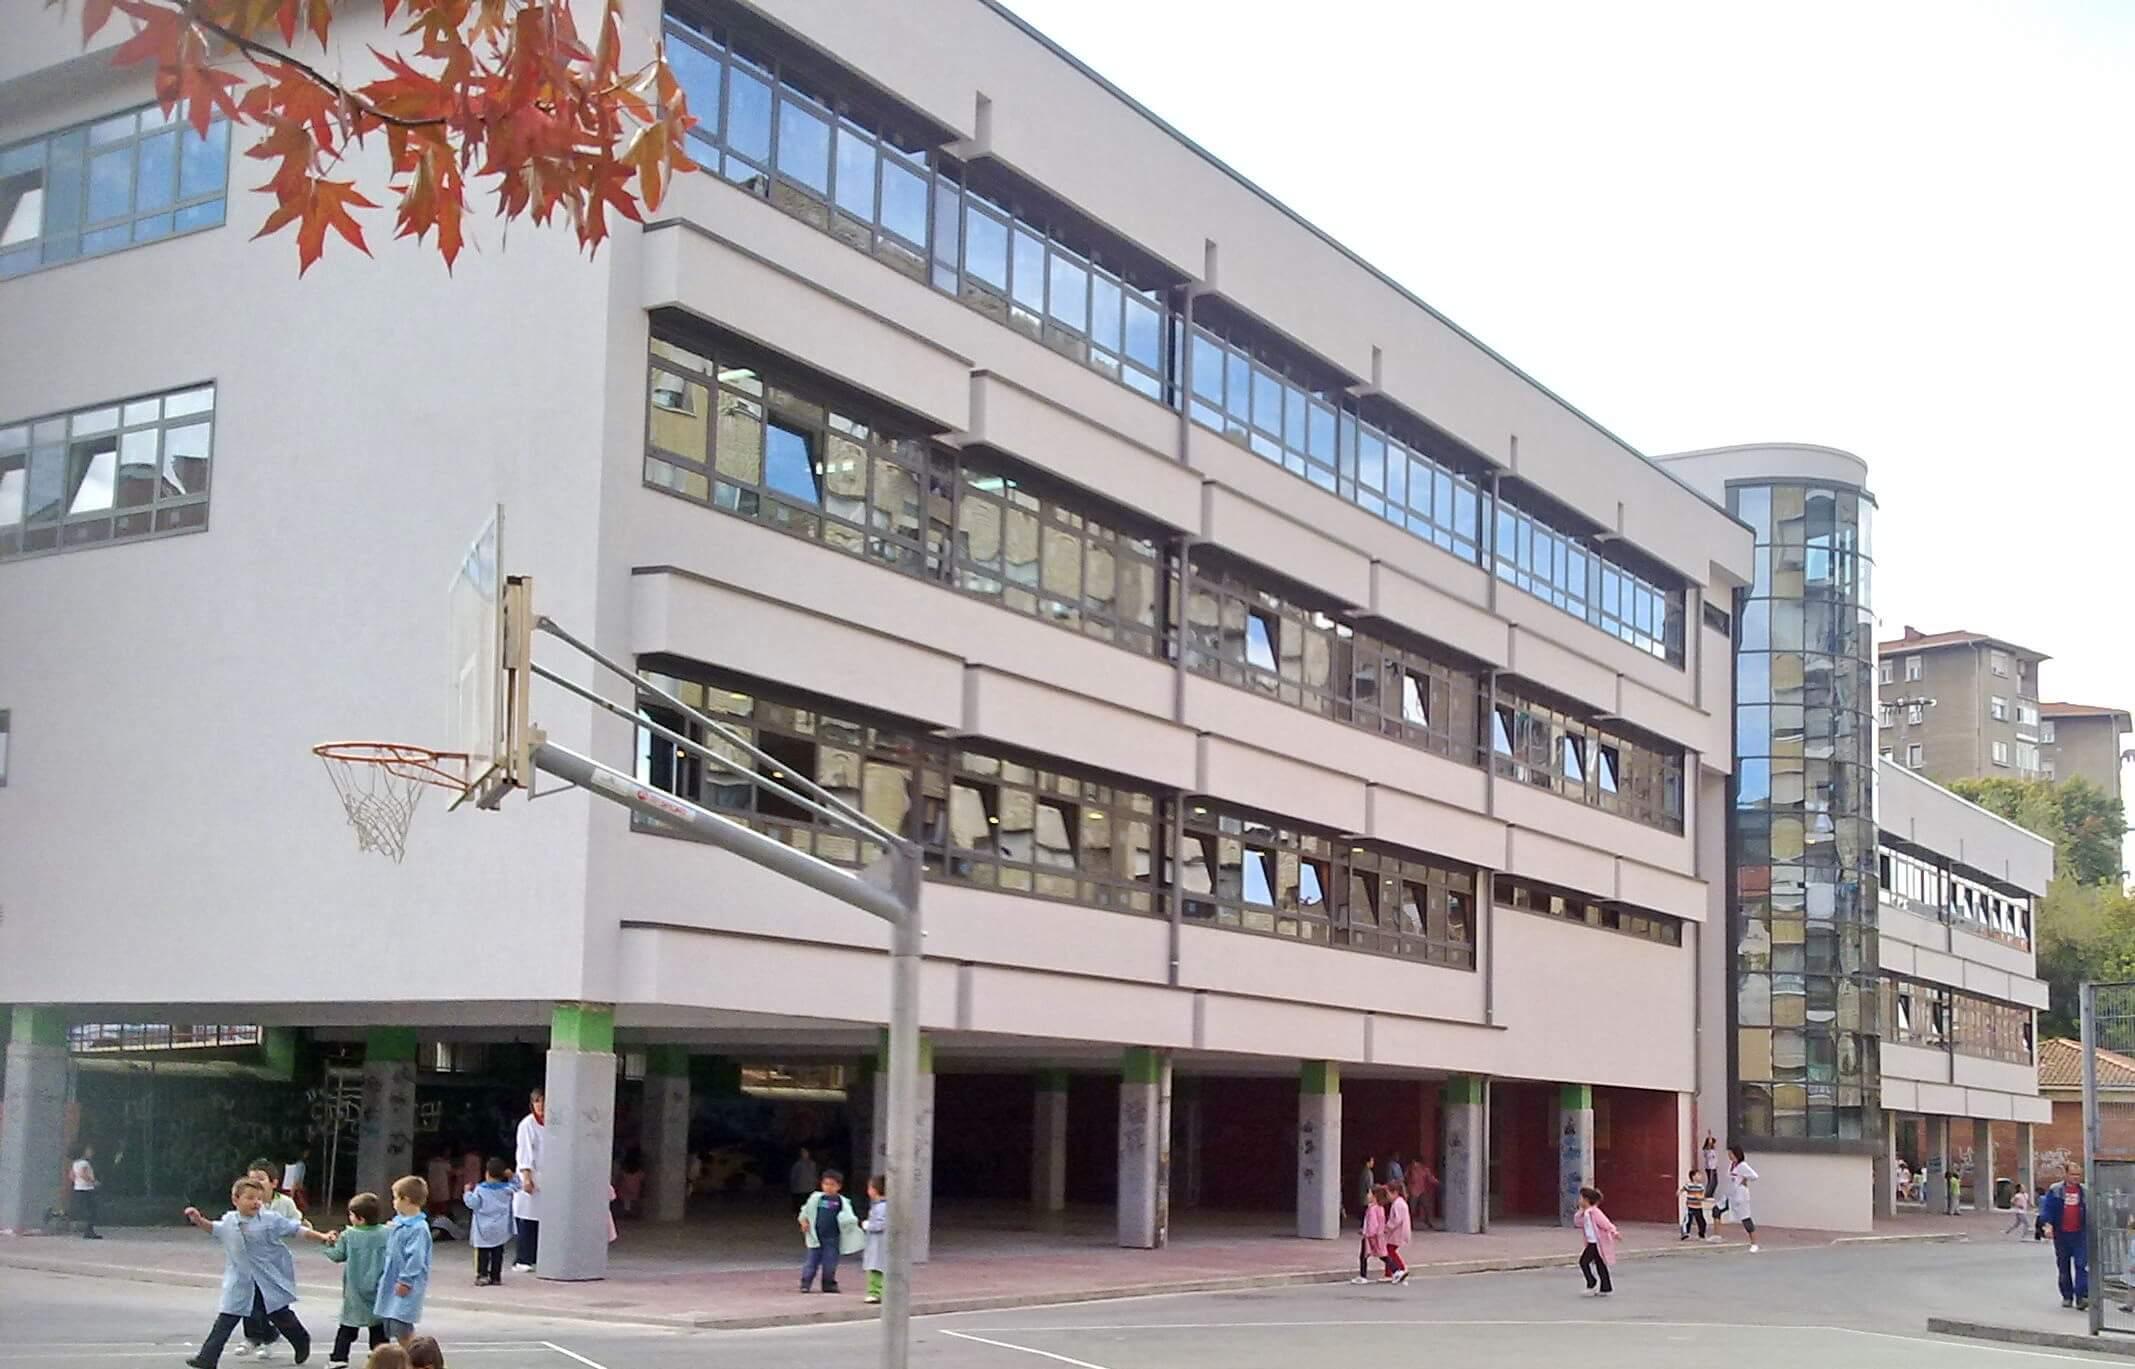 Colegio urreta